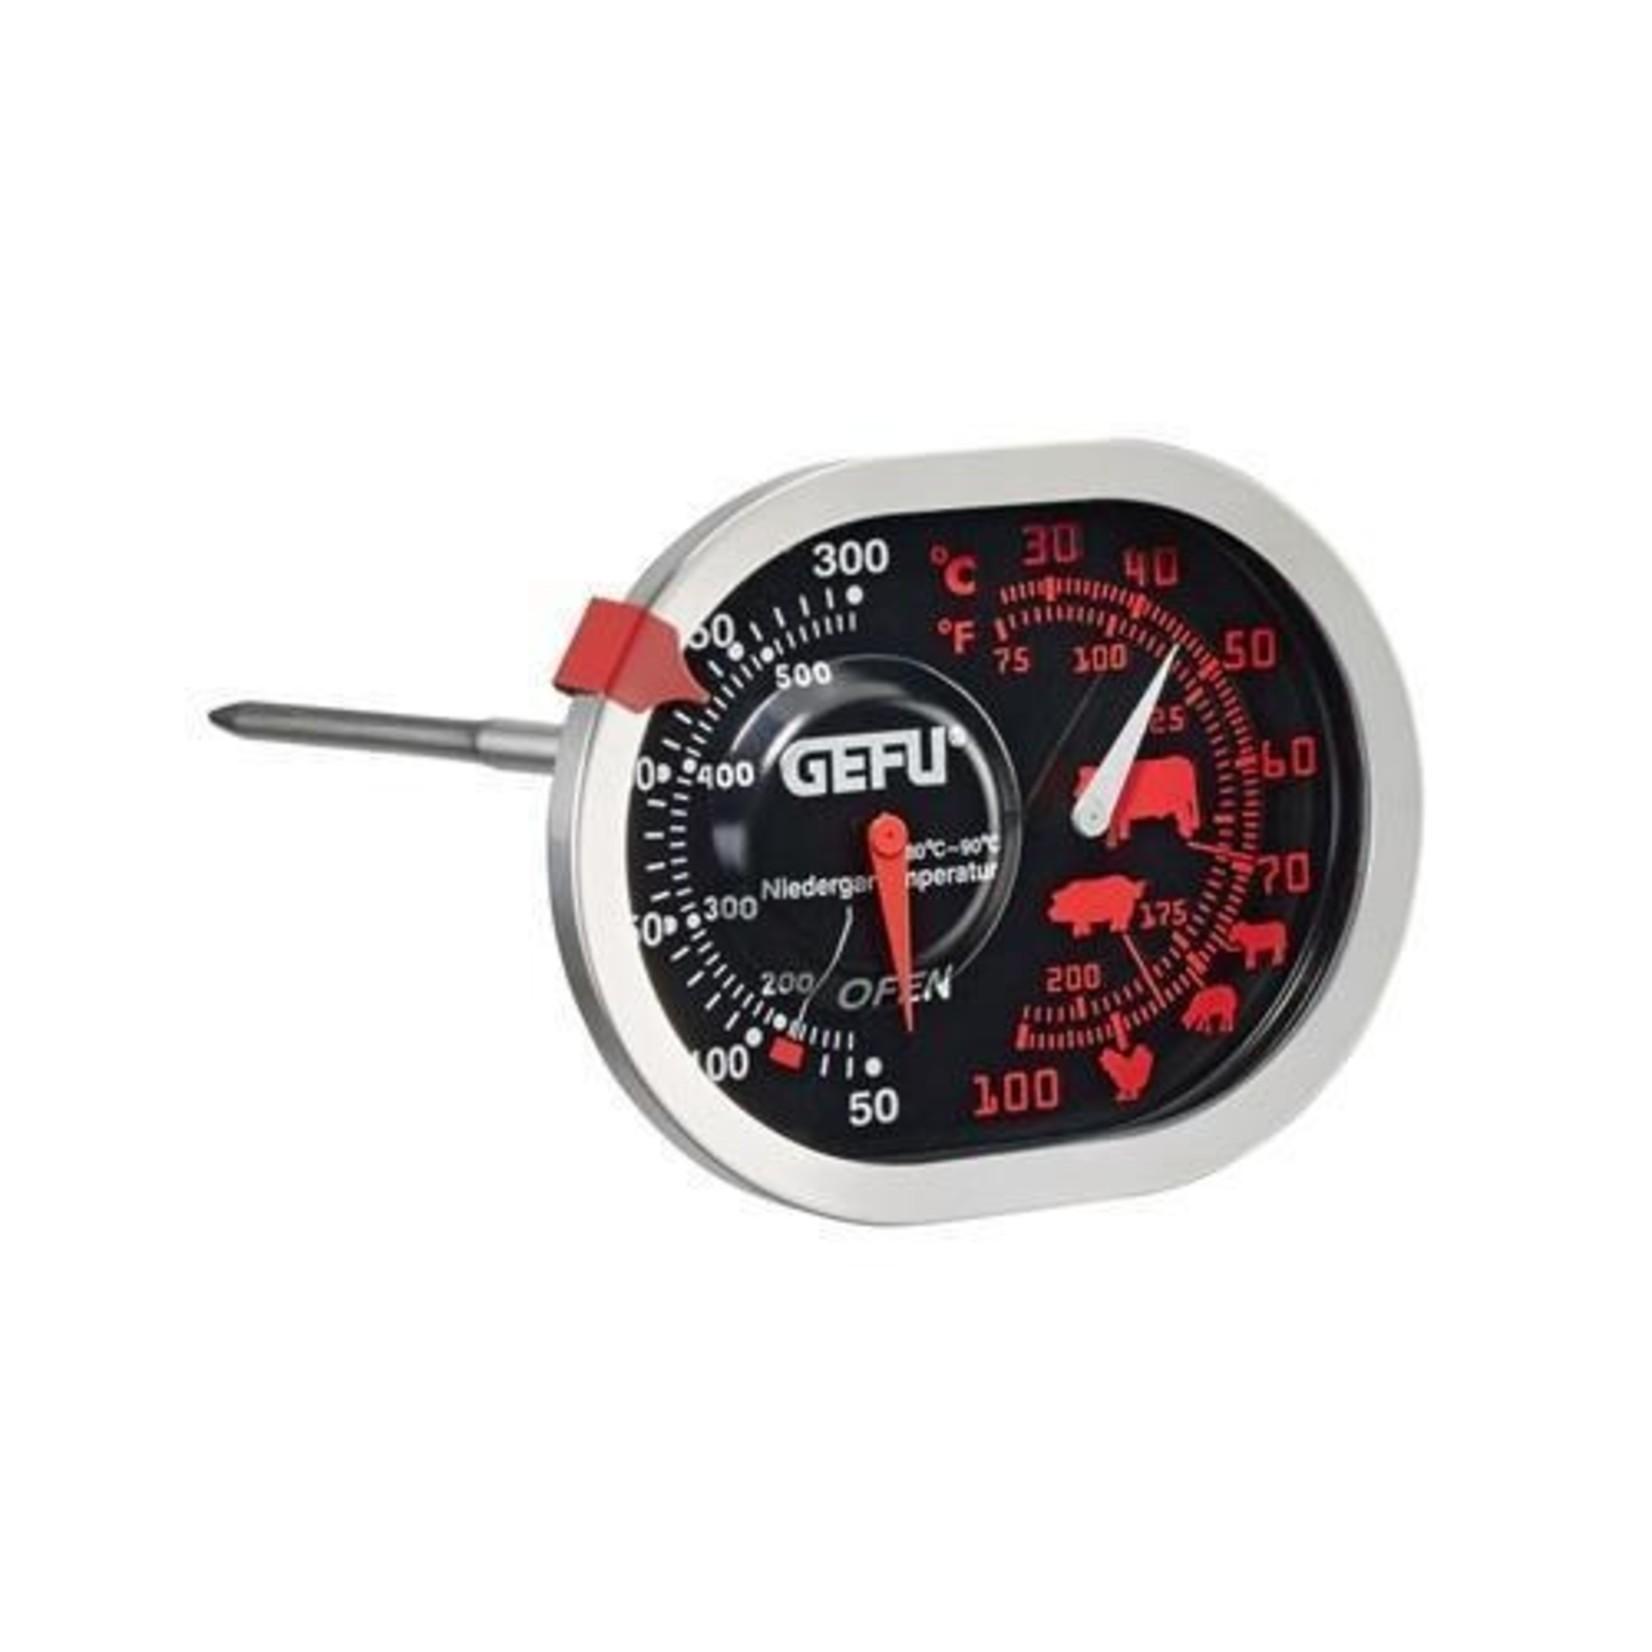 Gefu Gefu braad- en oventhermometer